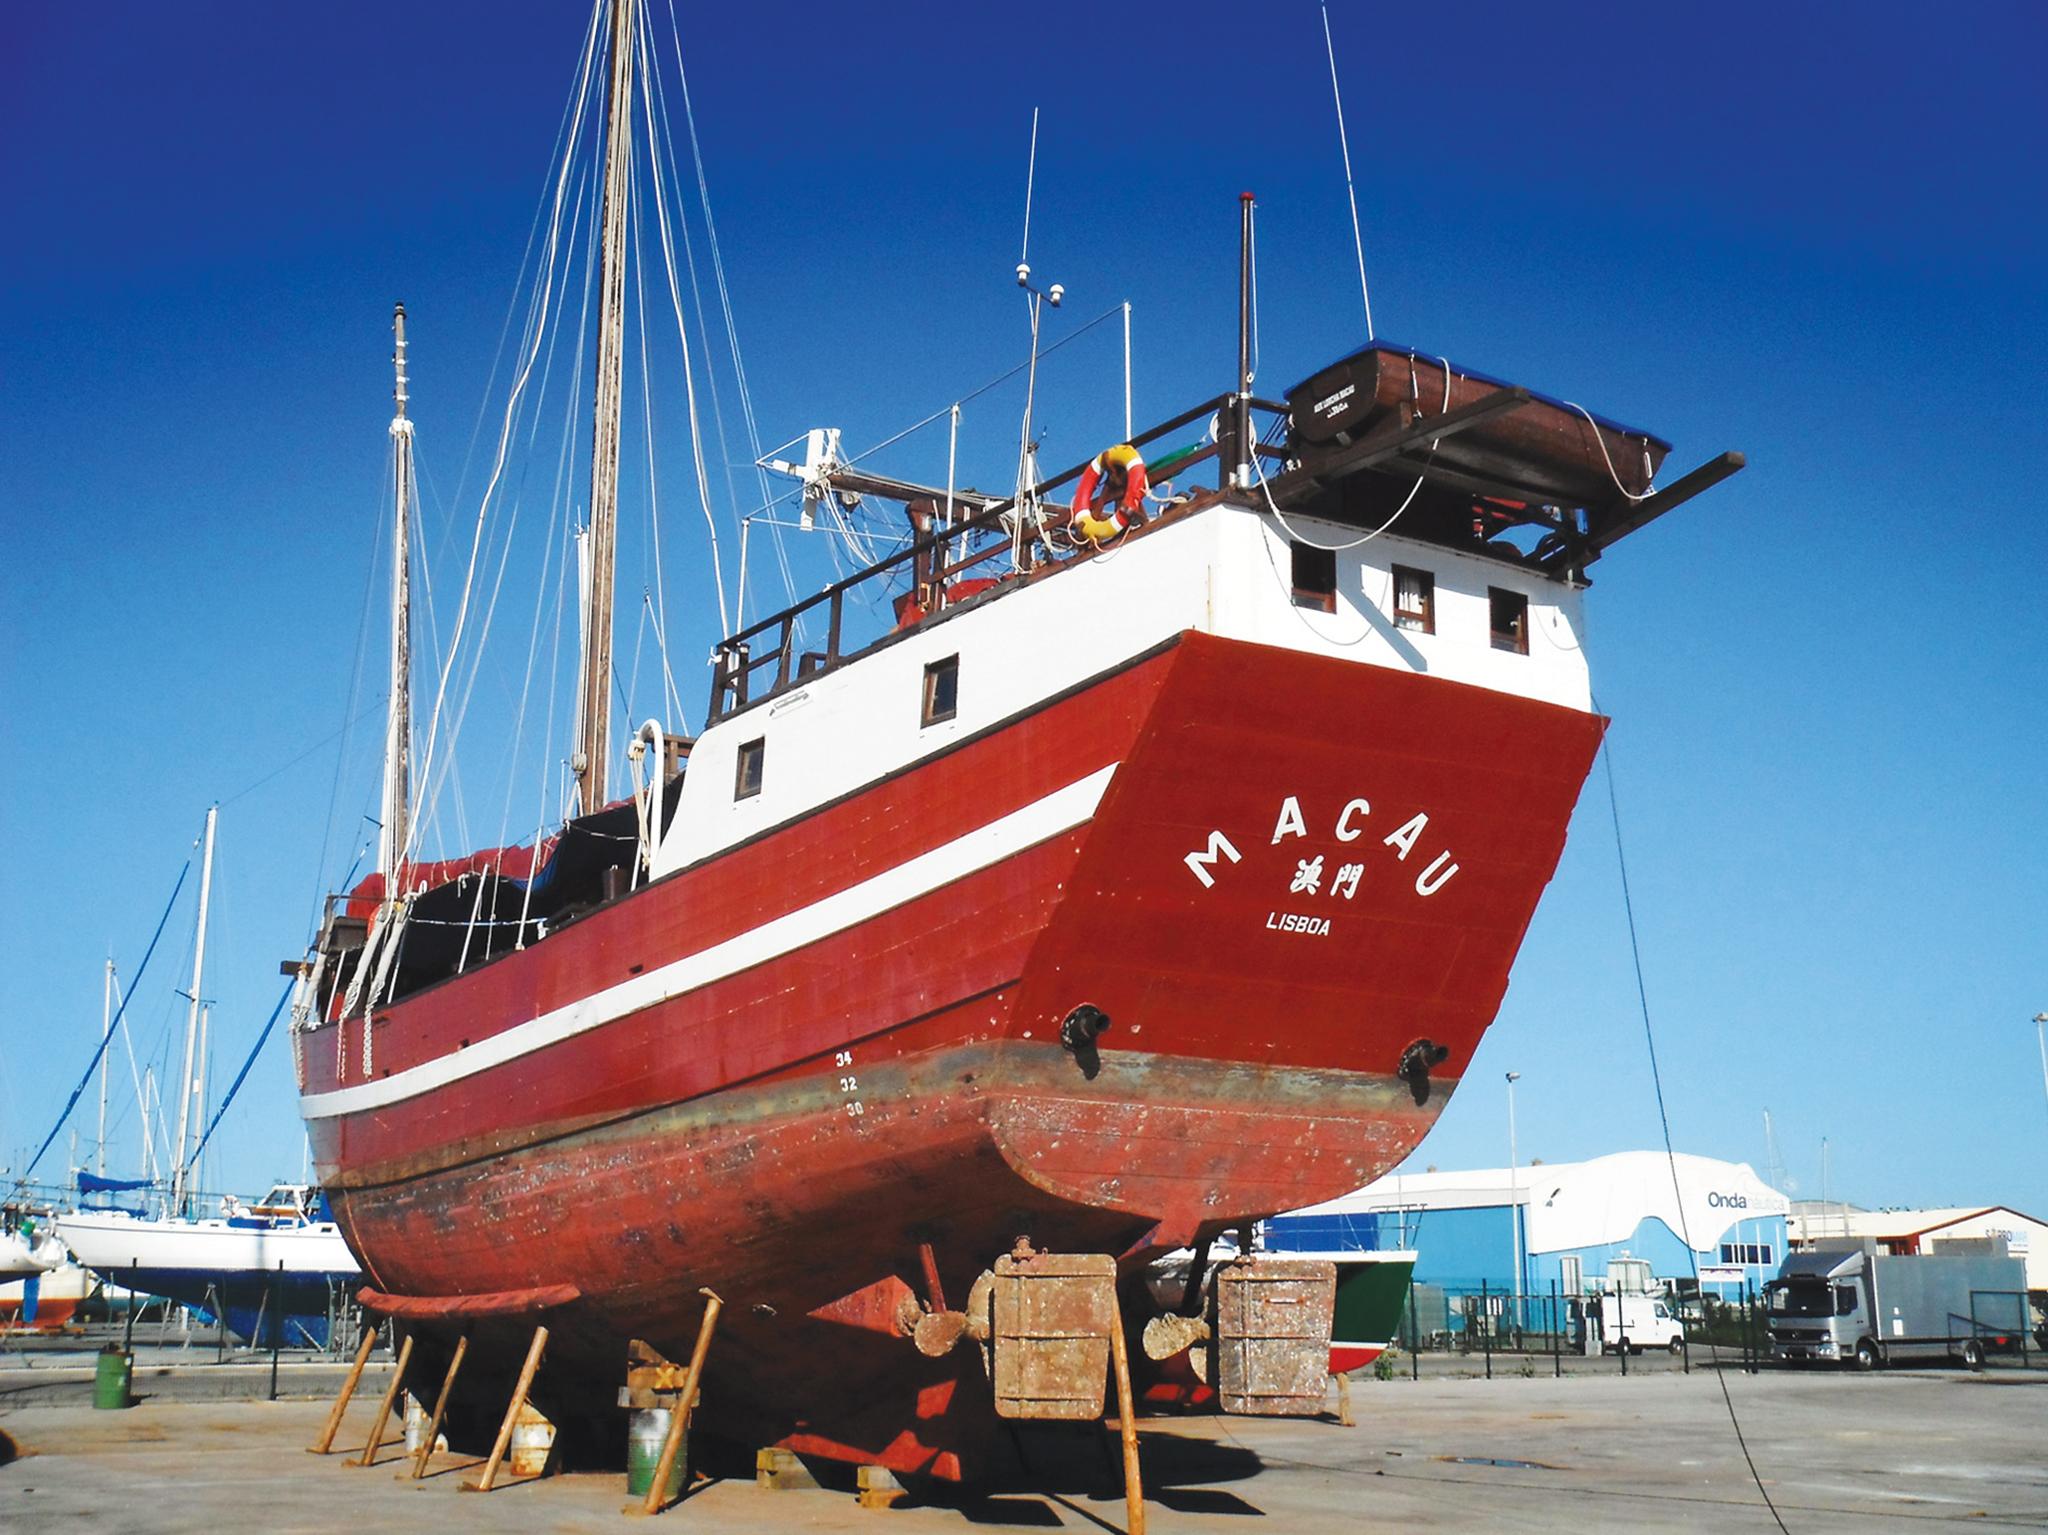 Lorcha Macau | Embarcação foi totalmente destruída